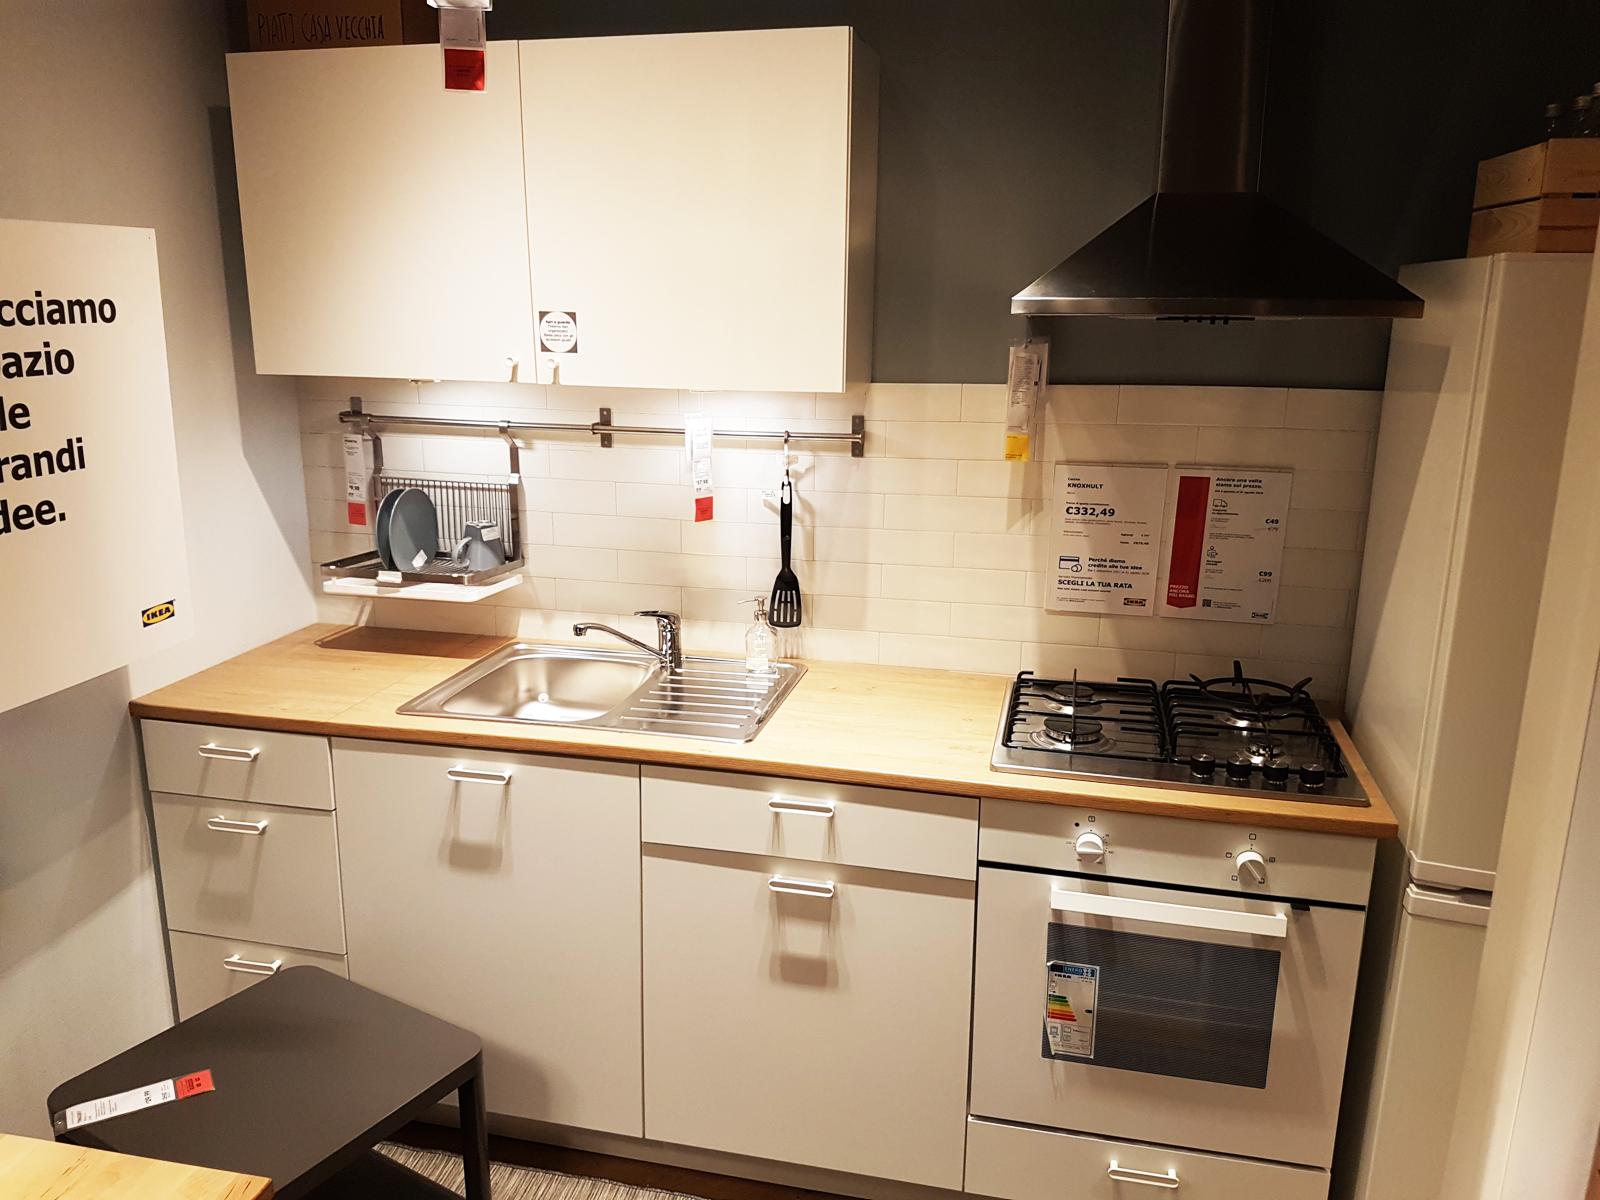 Moduli Cucine Componibili Ikea.Cucine Ikea Scopri Il Catalogo